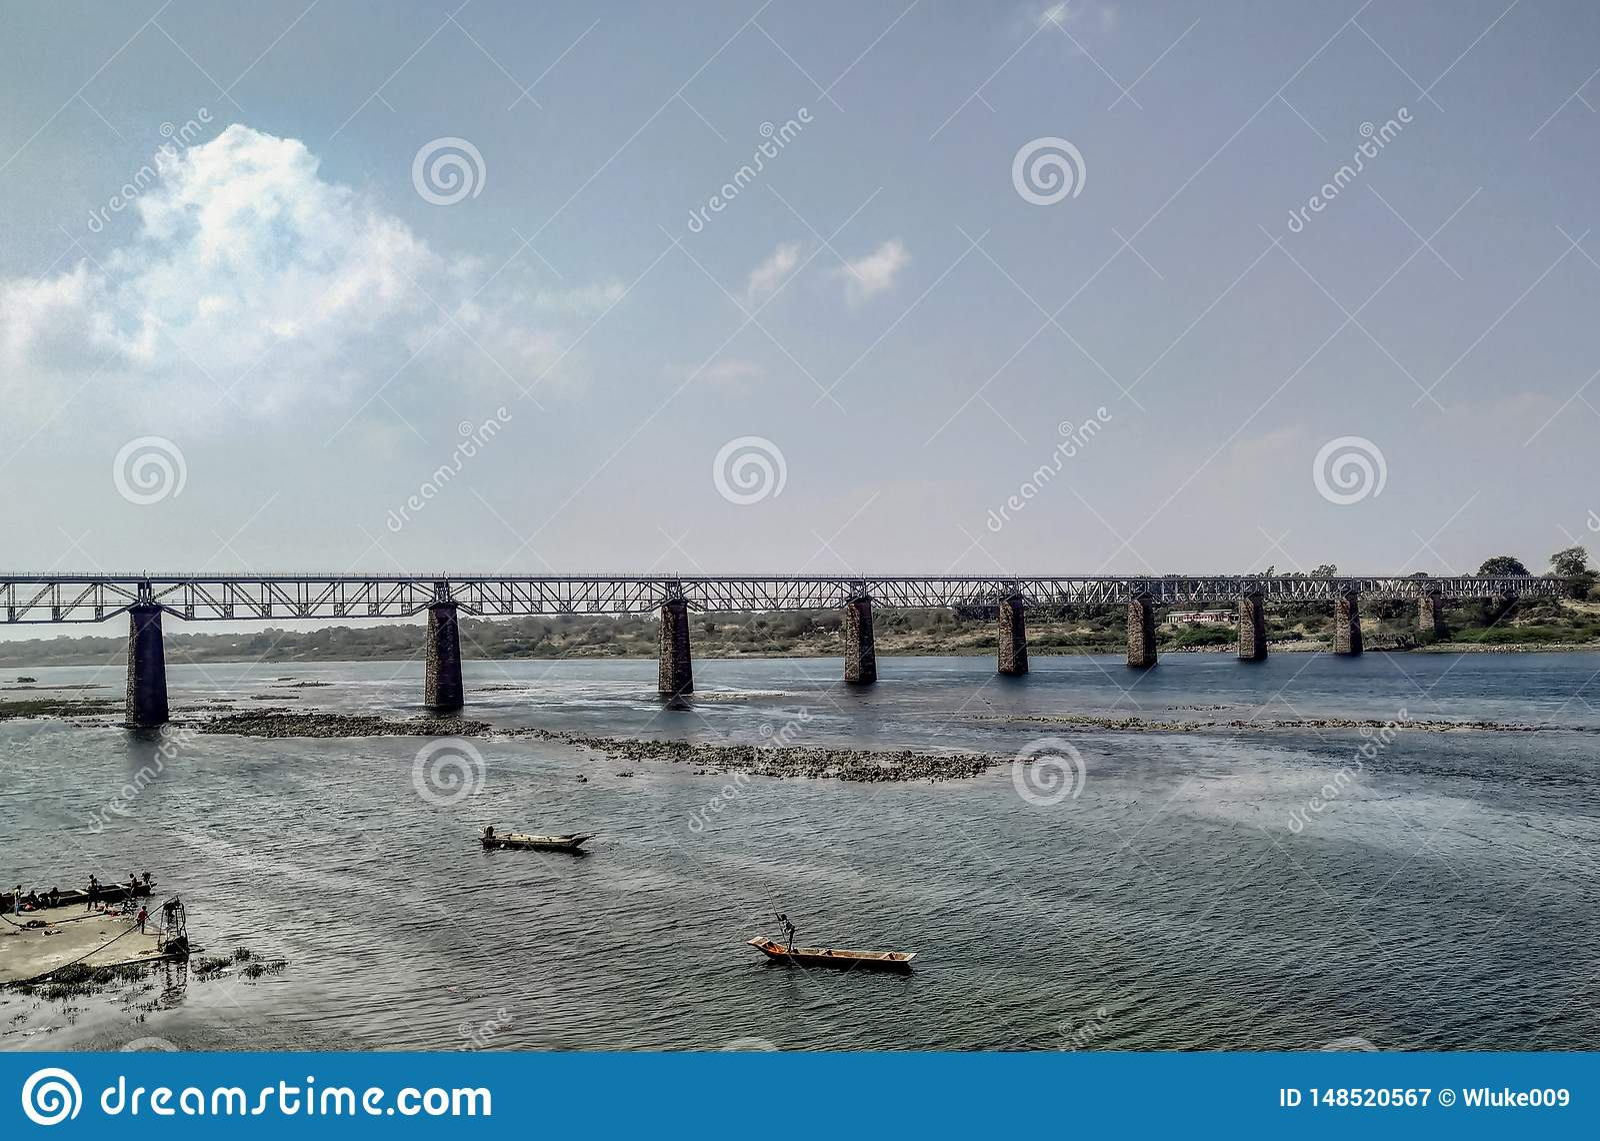 Magnificent Bridge on Flowing River Landscape